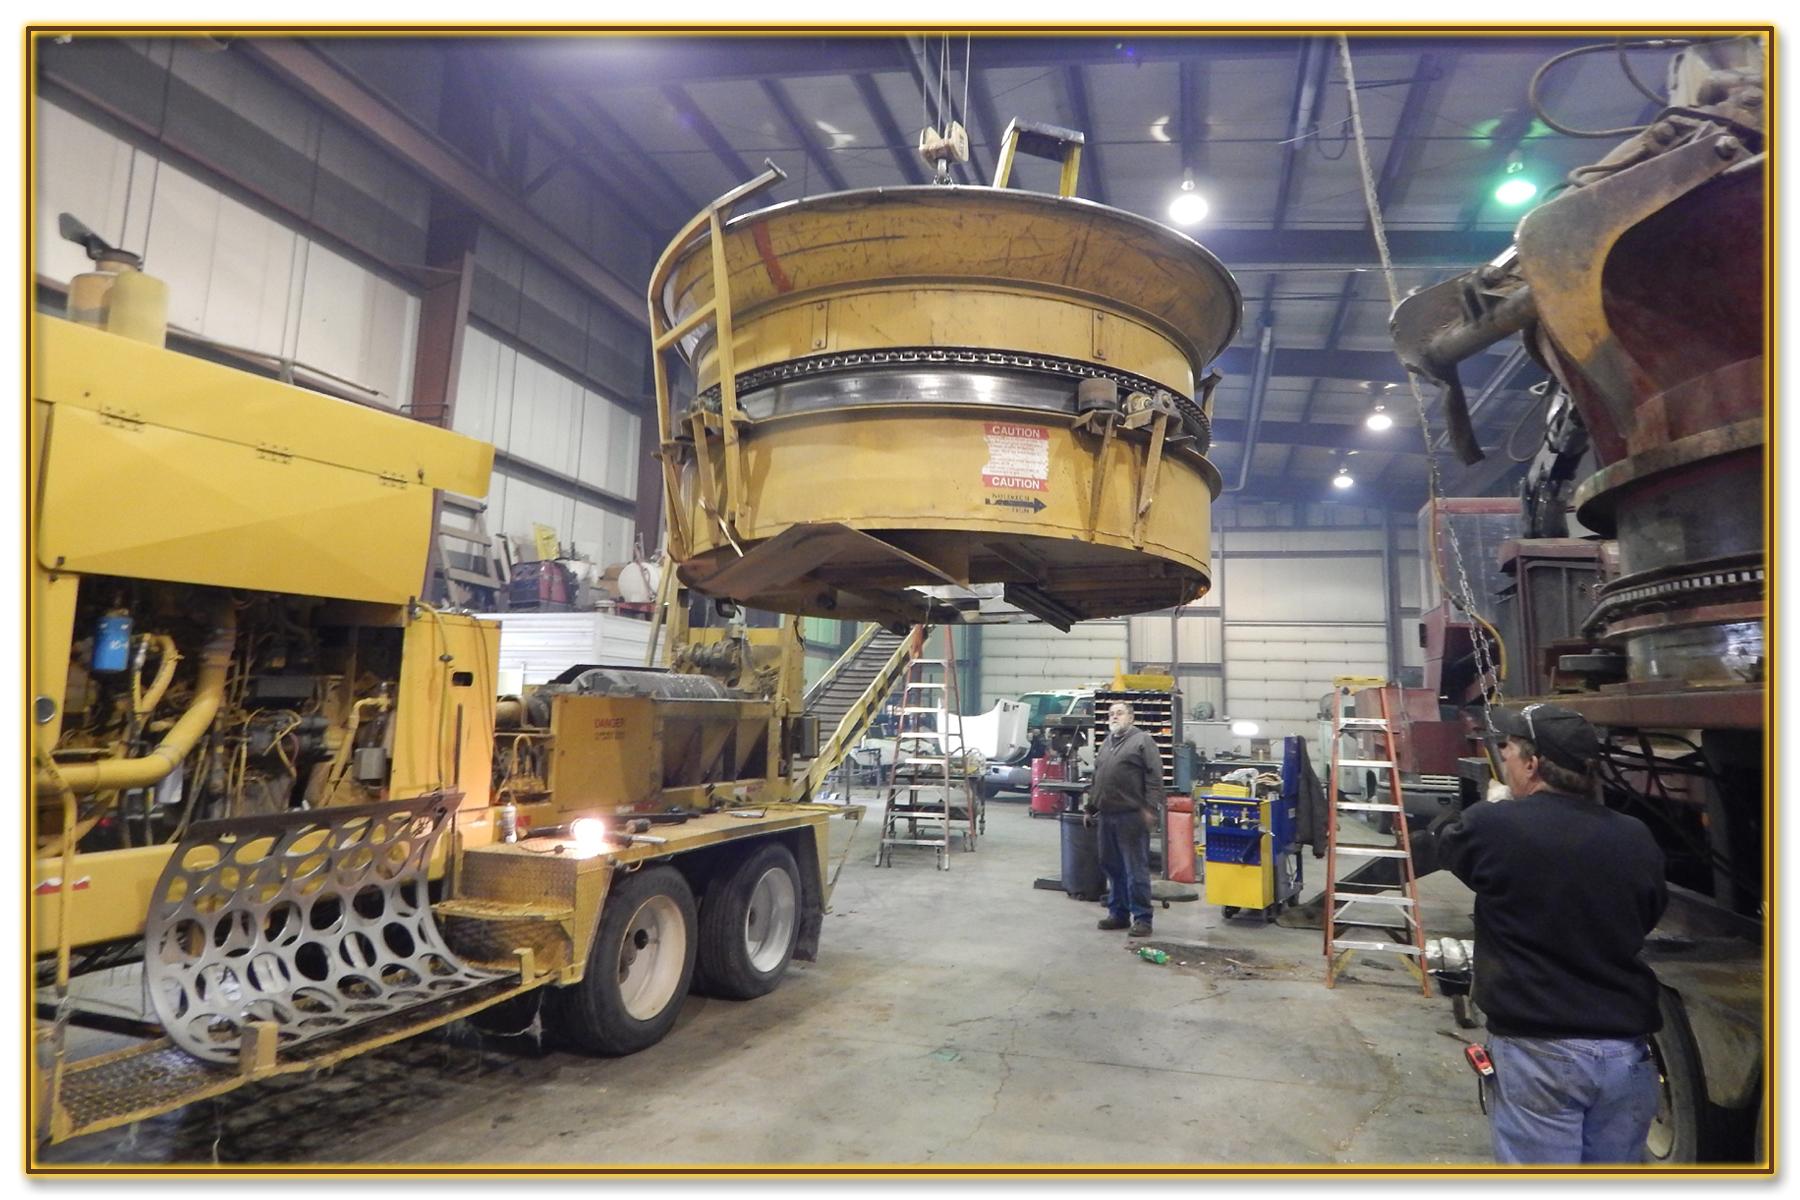 17 DynaHog® Grinder Repair Service